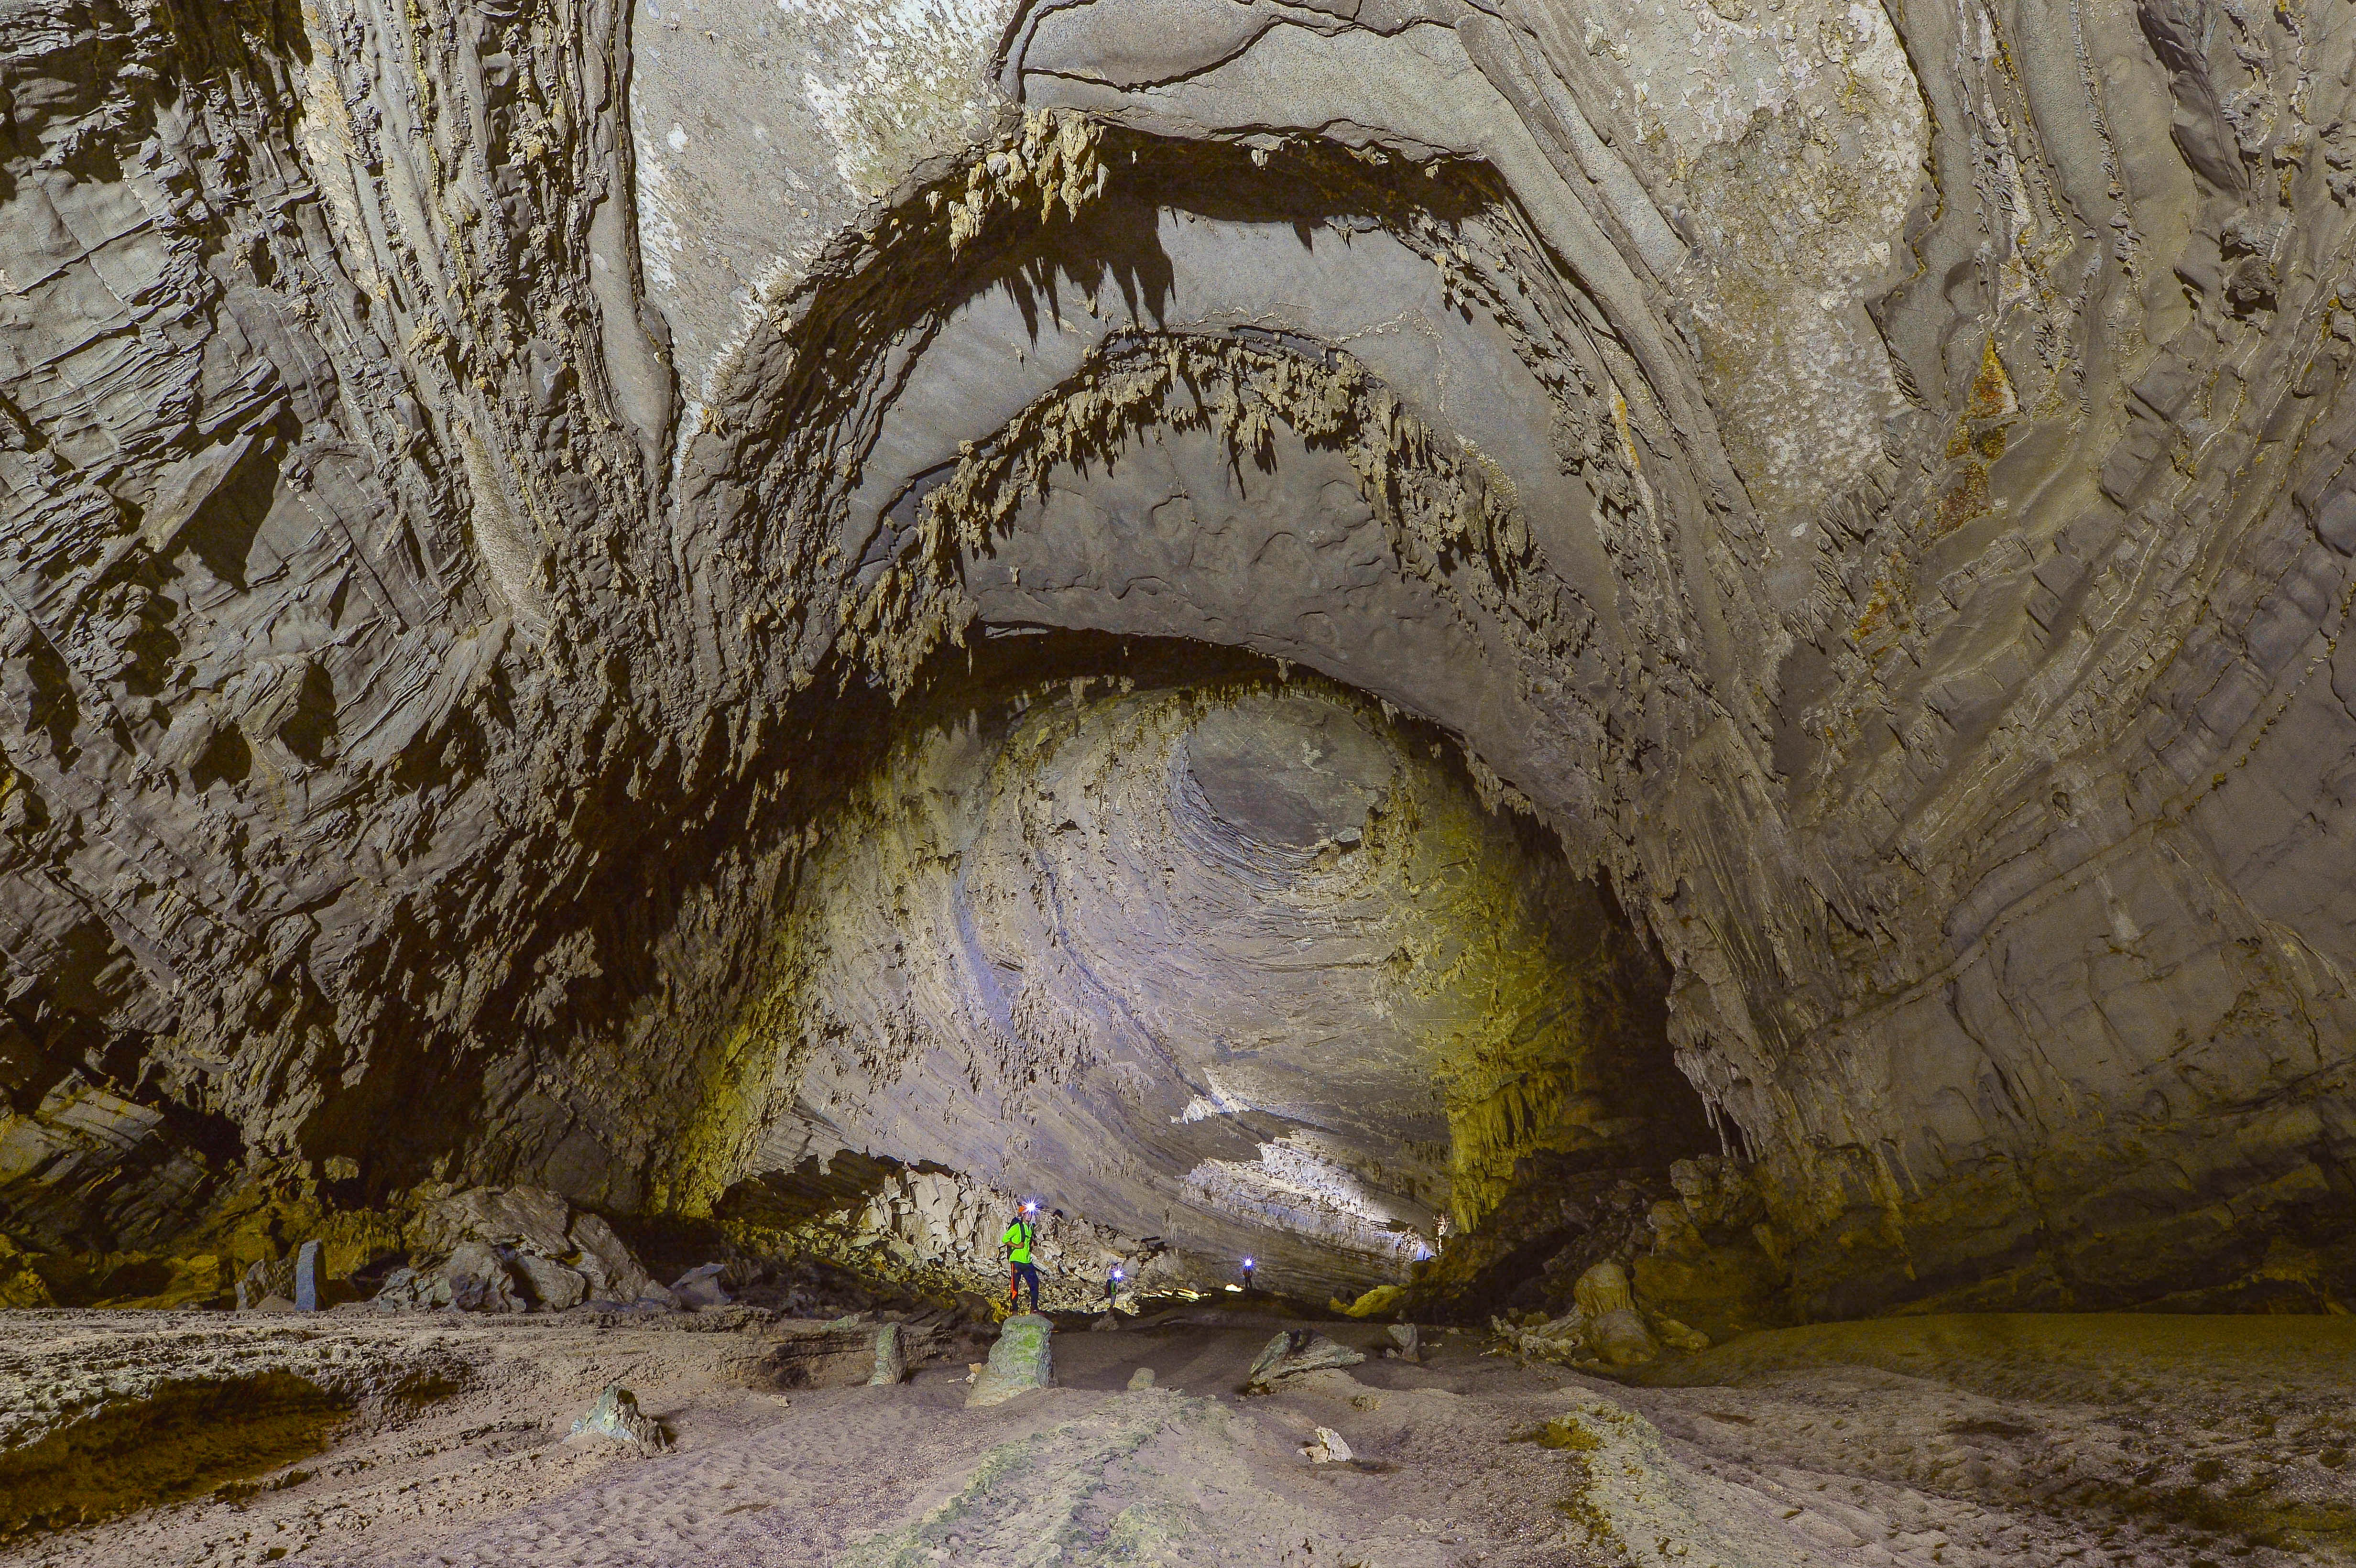 Không chỉ Sơn Đoòng, Quảng Bình còn có một hang động khác hoang sơ và đẹp đến ngạt thở! - Ảnh 15.